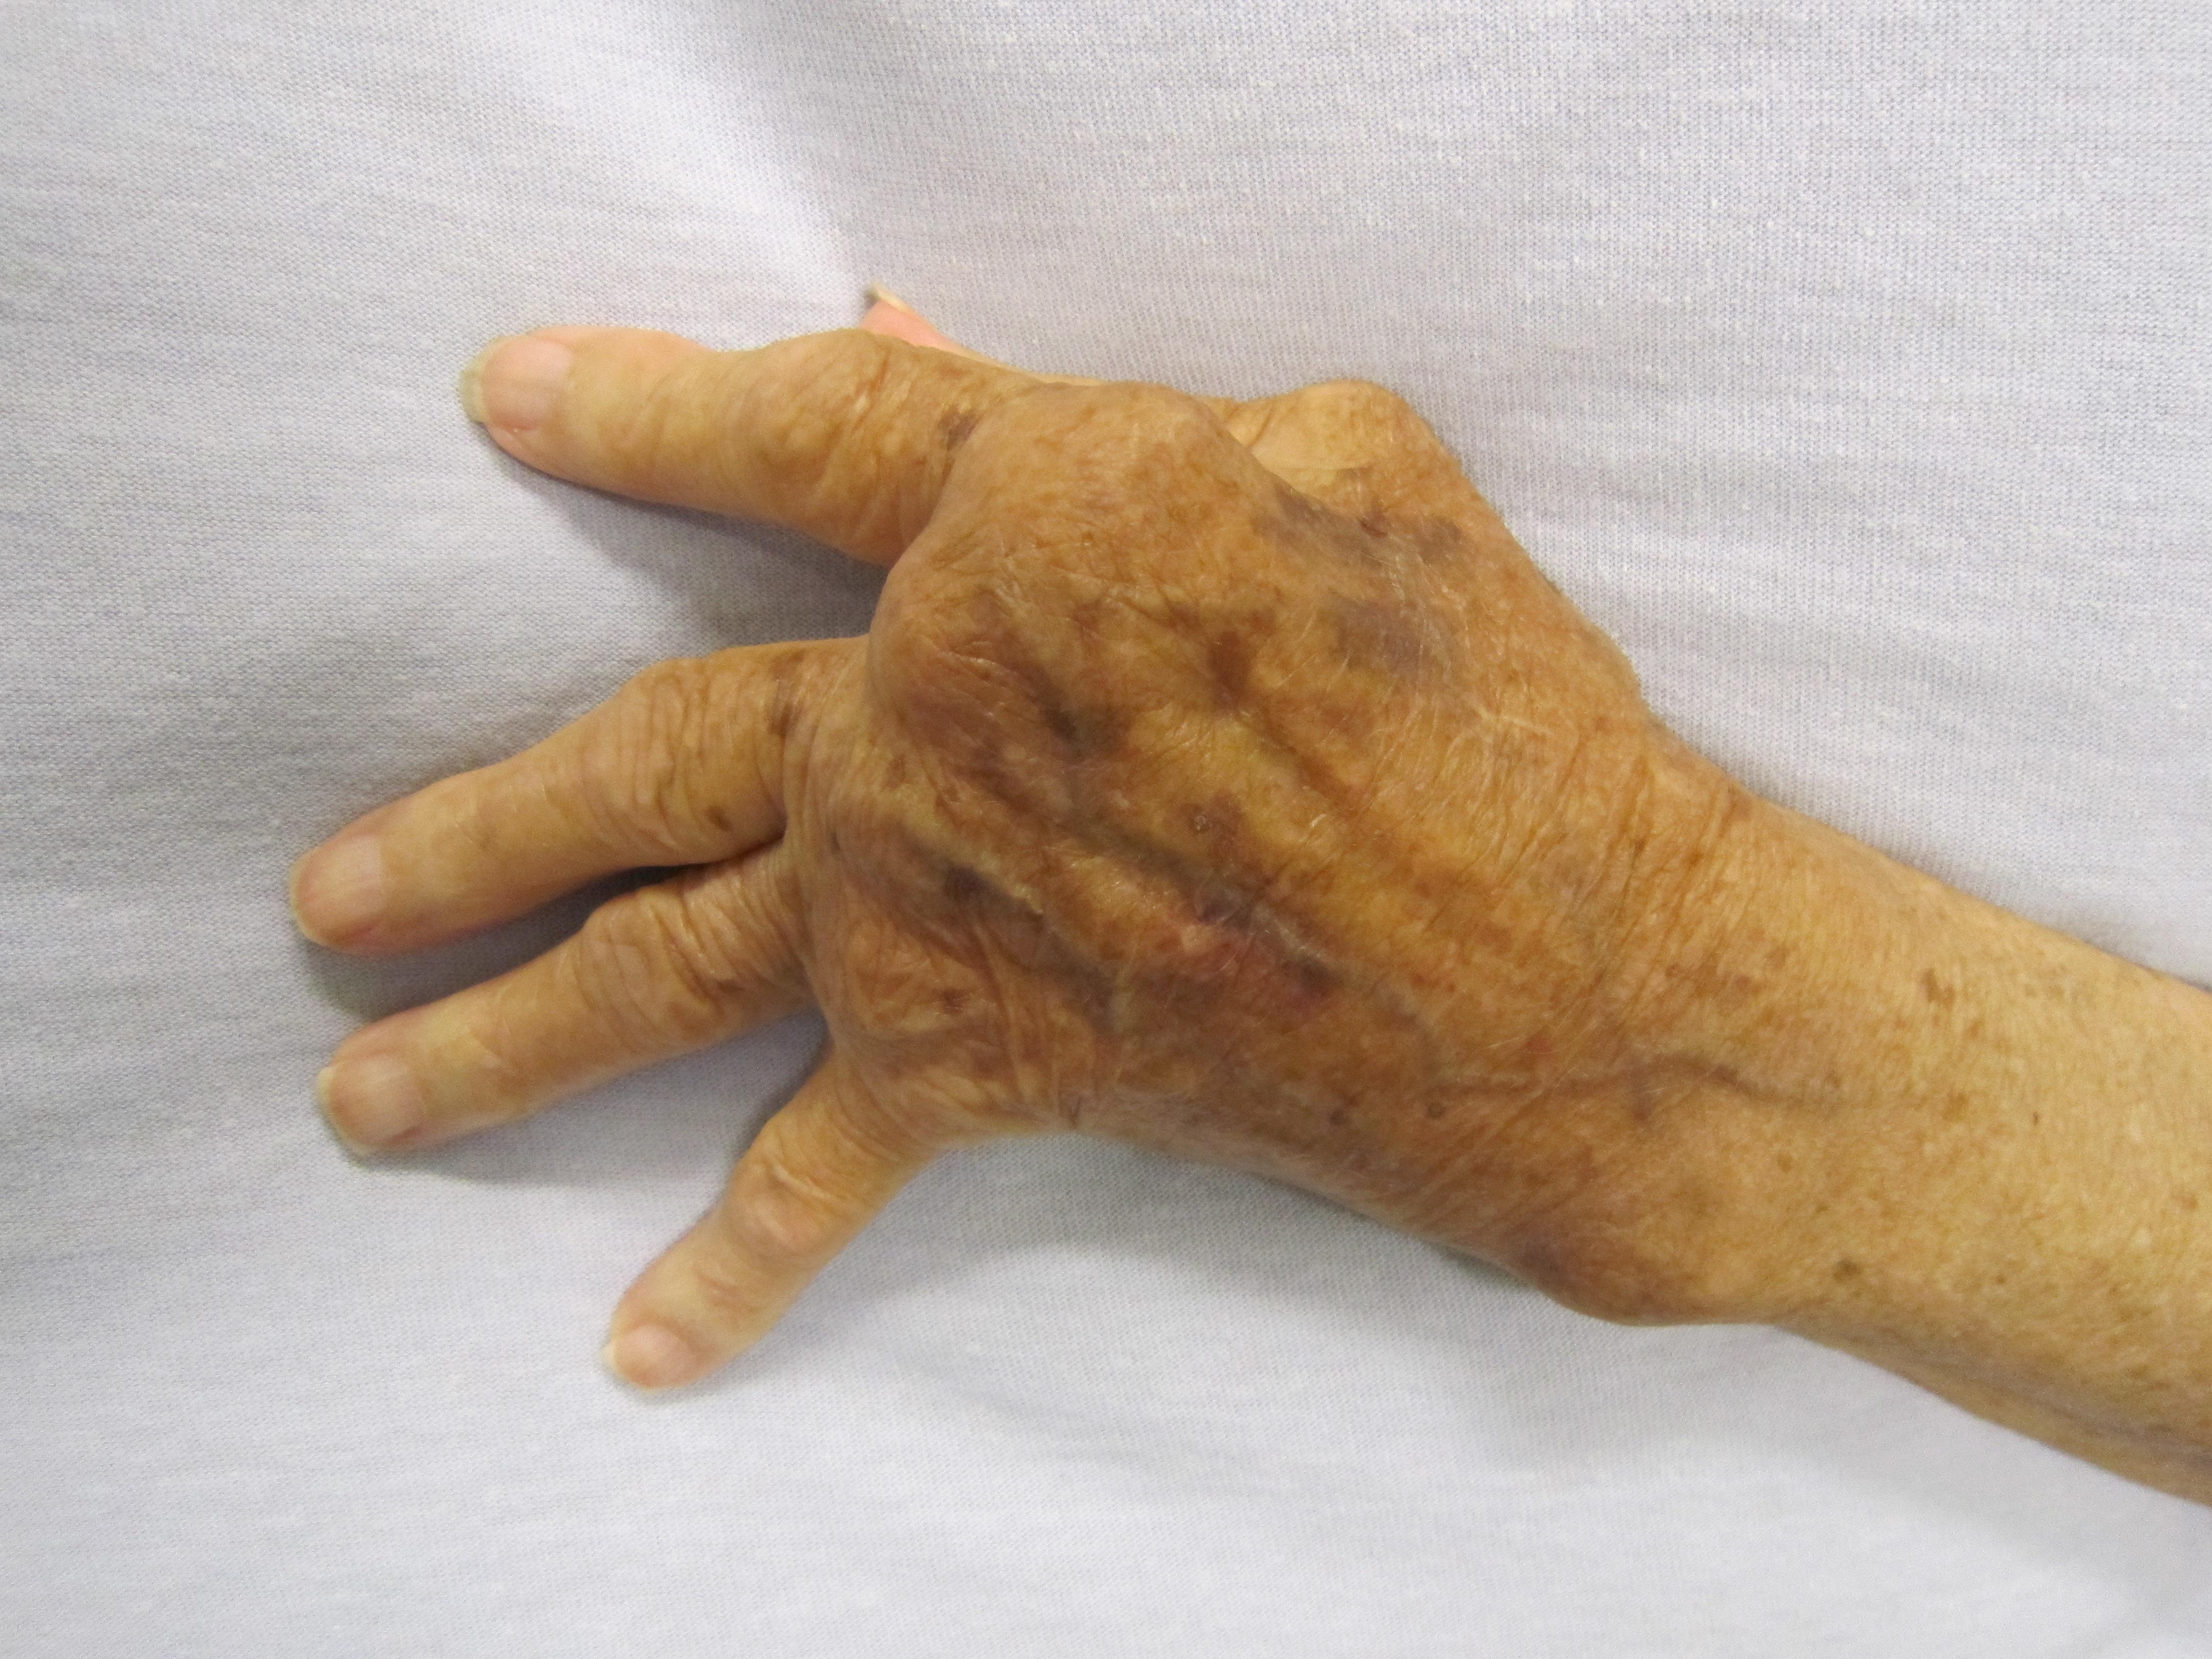 gyógyszer fájdalom az ujjak ízületeiben)